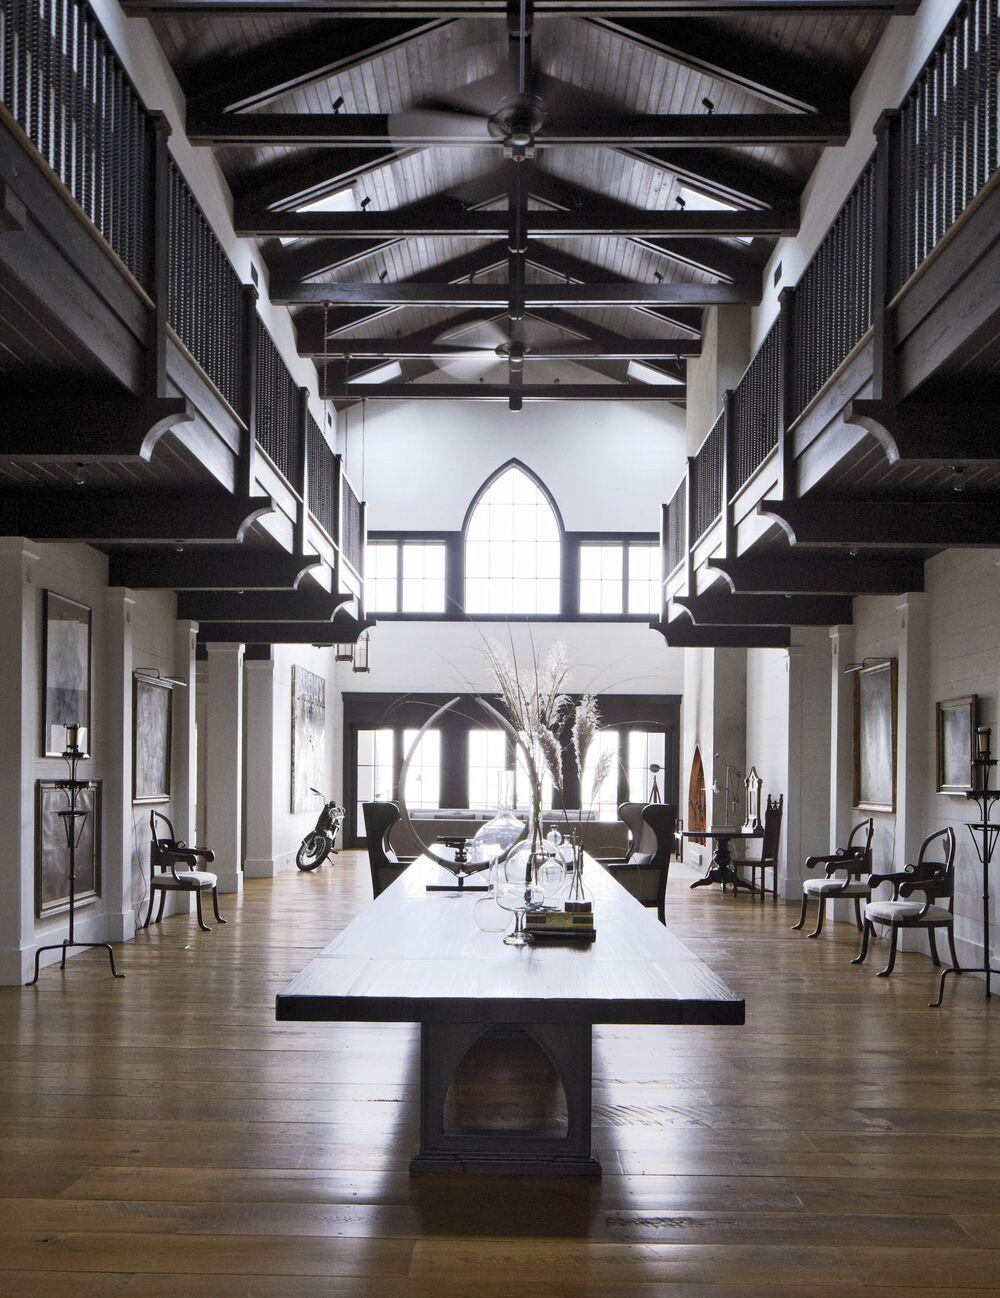 John Mellencamp's living room